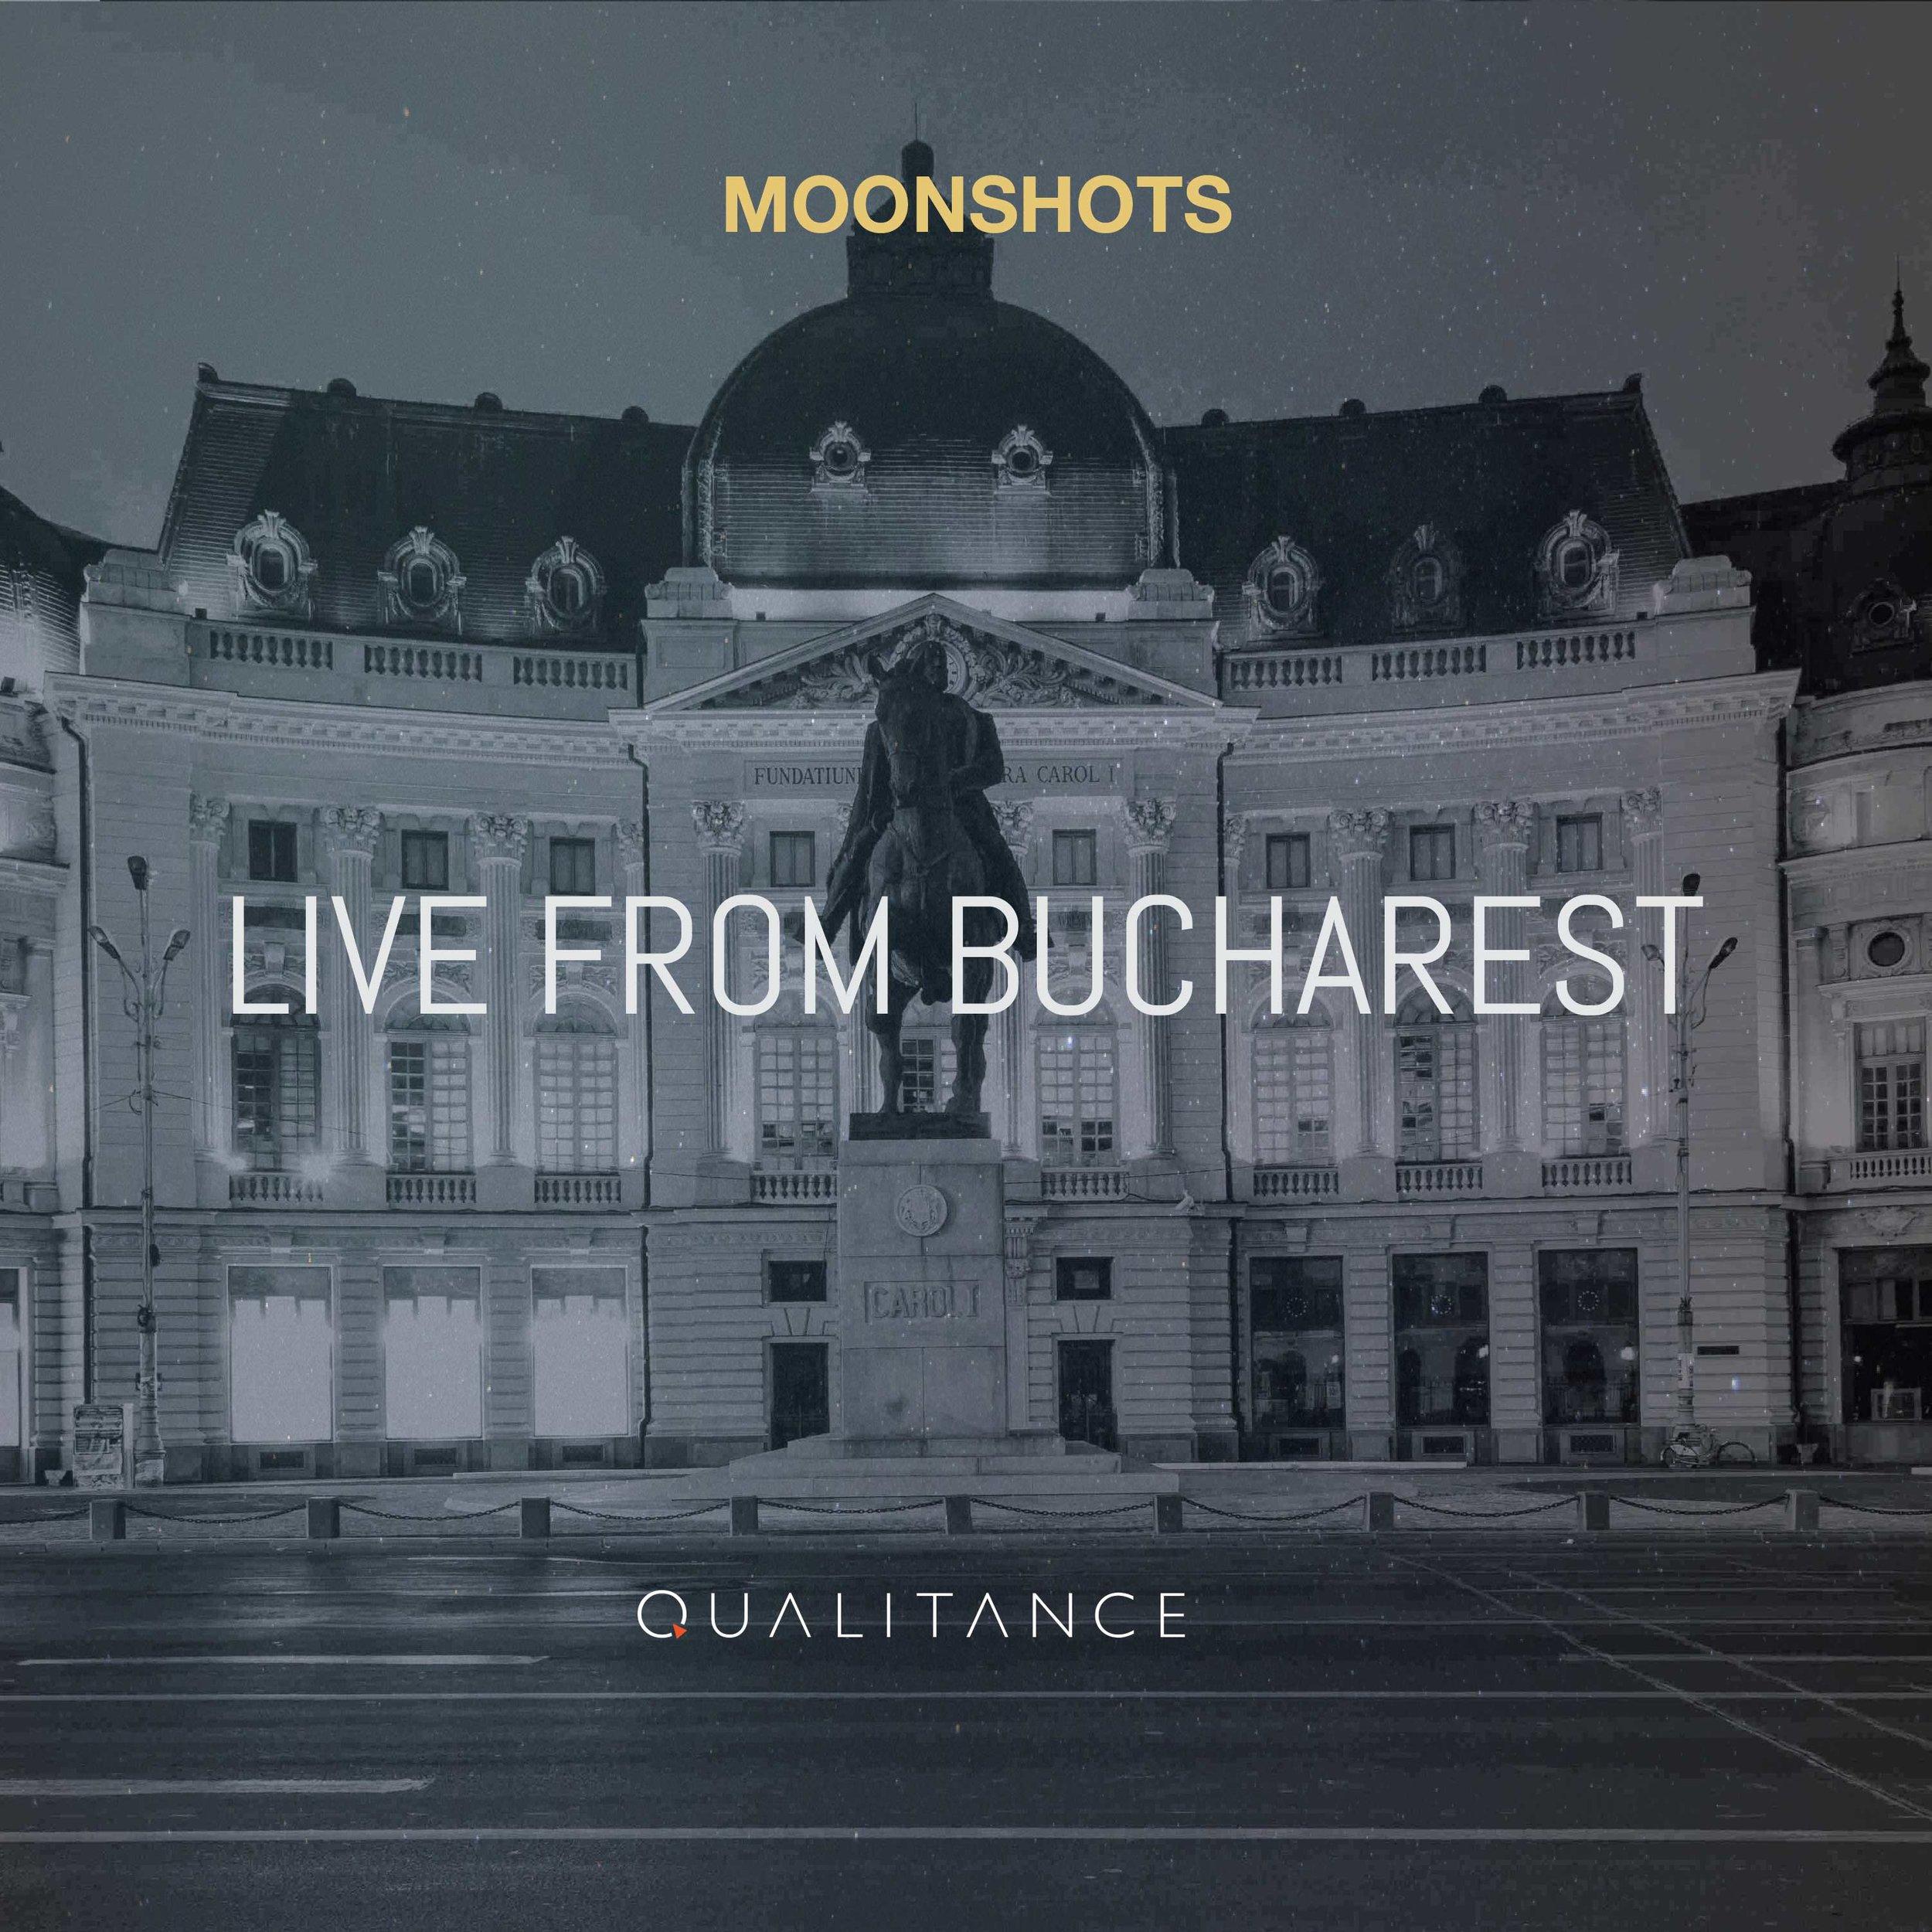 moonshoot-bucharest-no-text.jpg